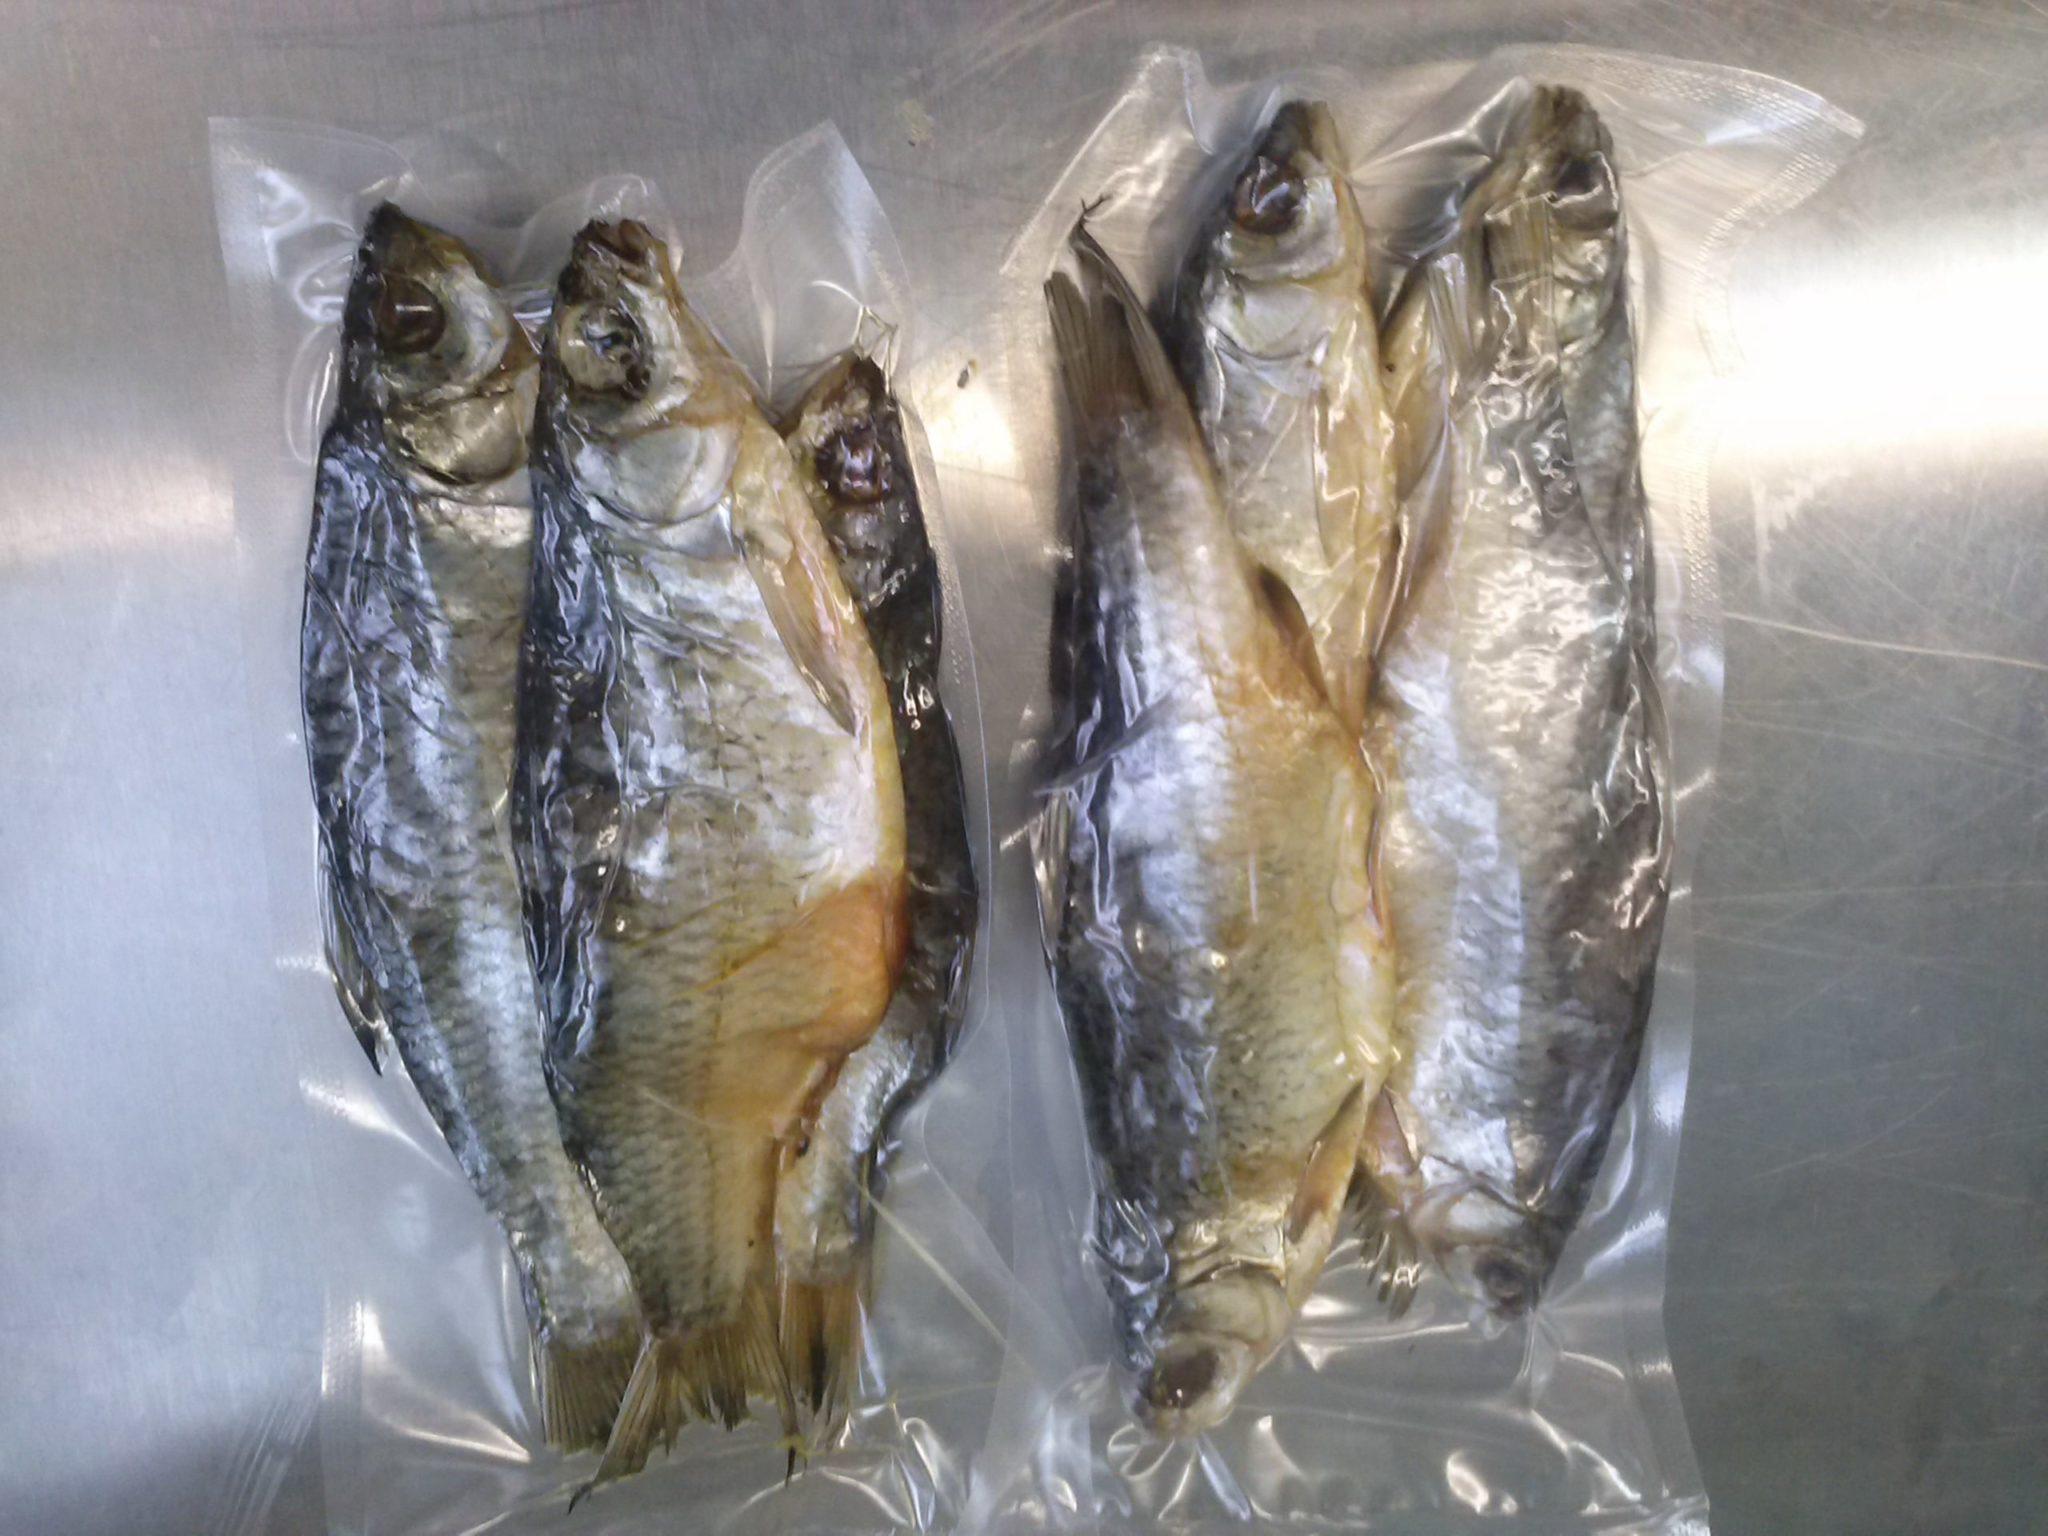 как хранить вяленую рыбу в вакуумной упаковке